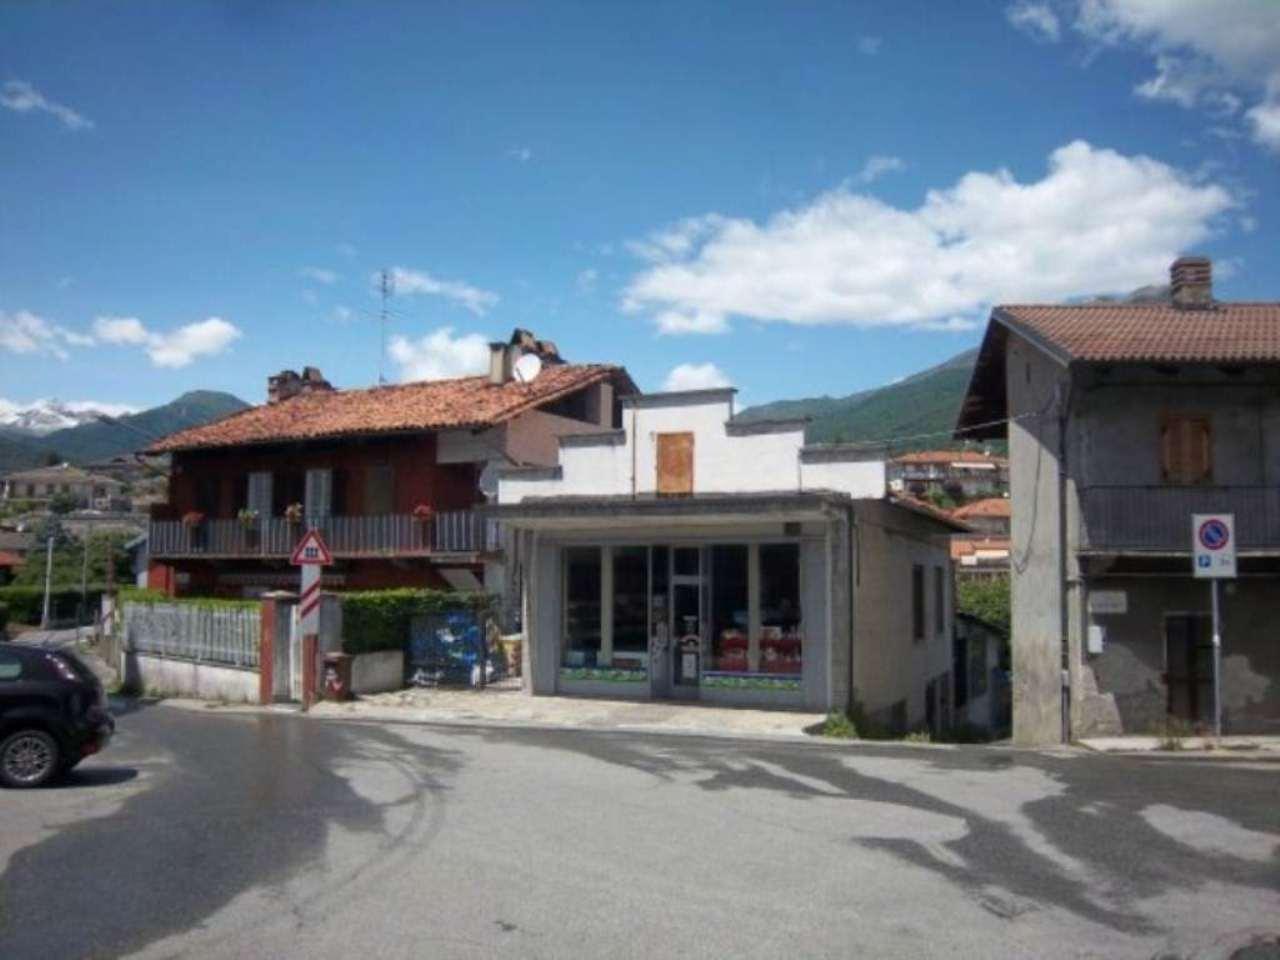 Muri NEGOZIO ALIMENTARI aperto da 50 anni. Dimensioni negozio Mq. 80 + CORTILE mq. 30. Rif. 8140082